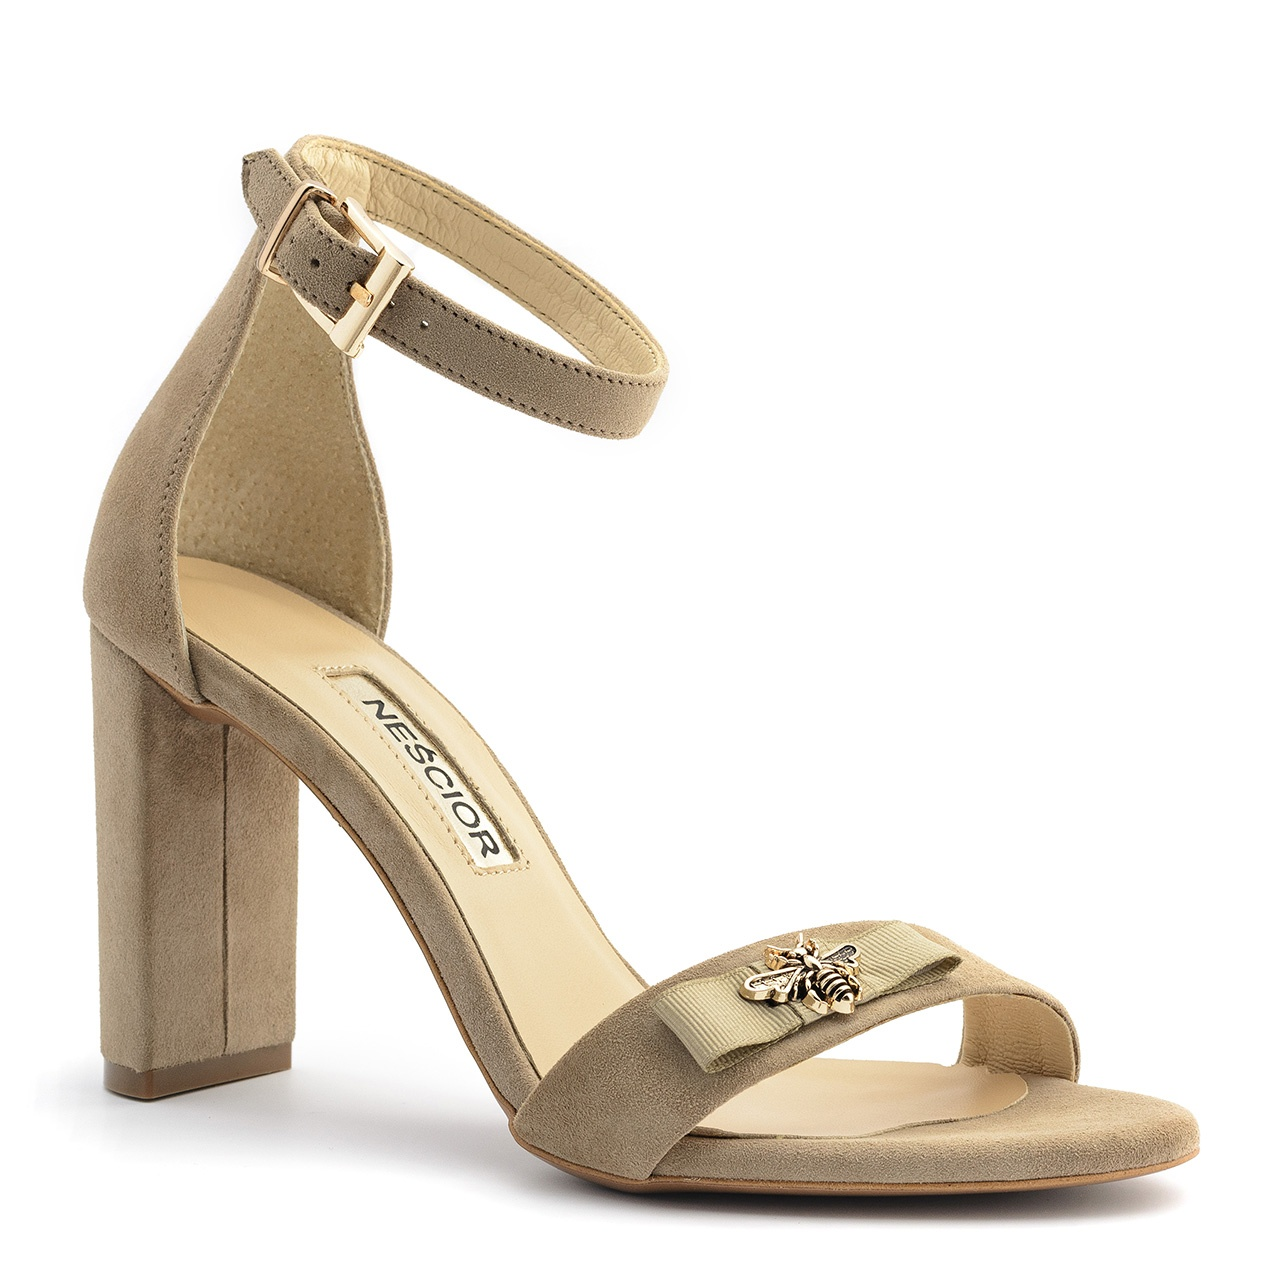 d7e6000a4c8ffa Beżowe zamszowe sandały na słupku 33P - Neścior Sklep Firmowy